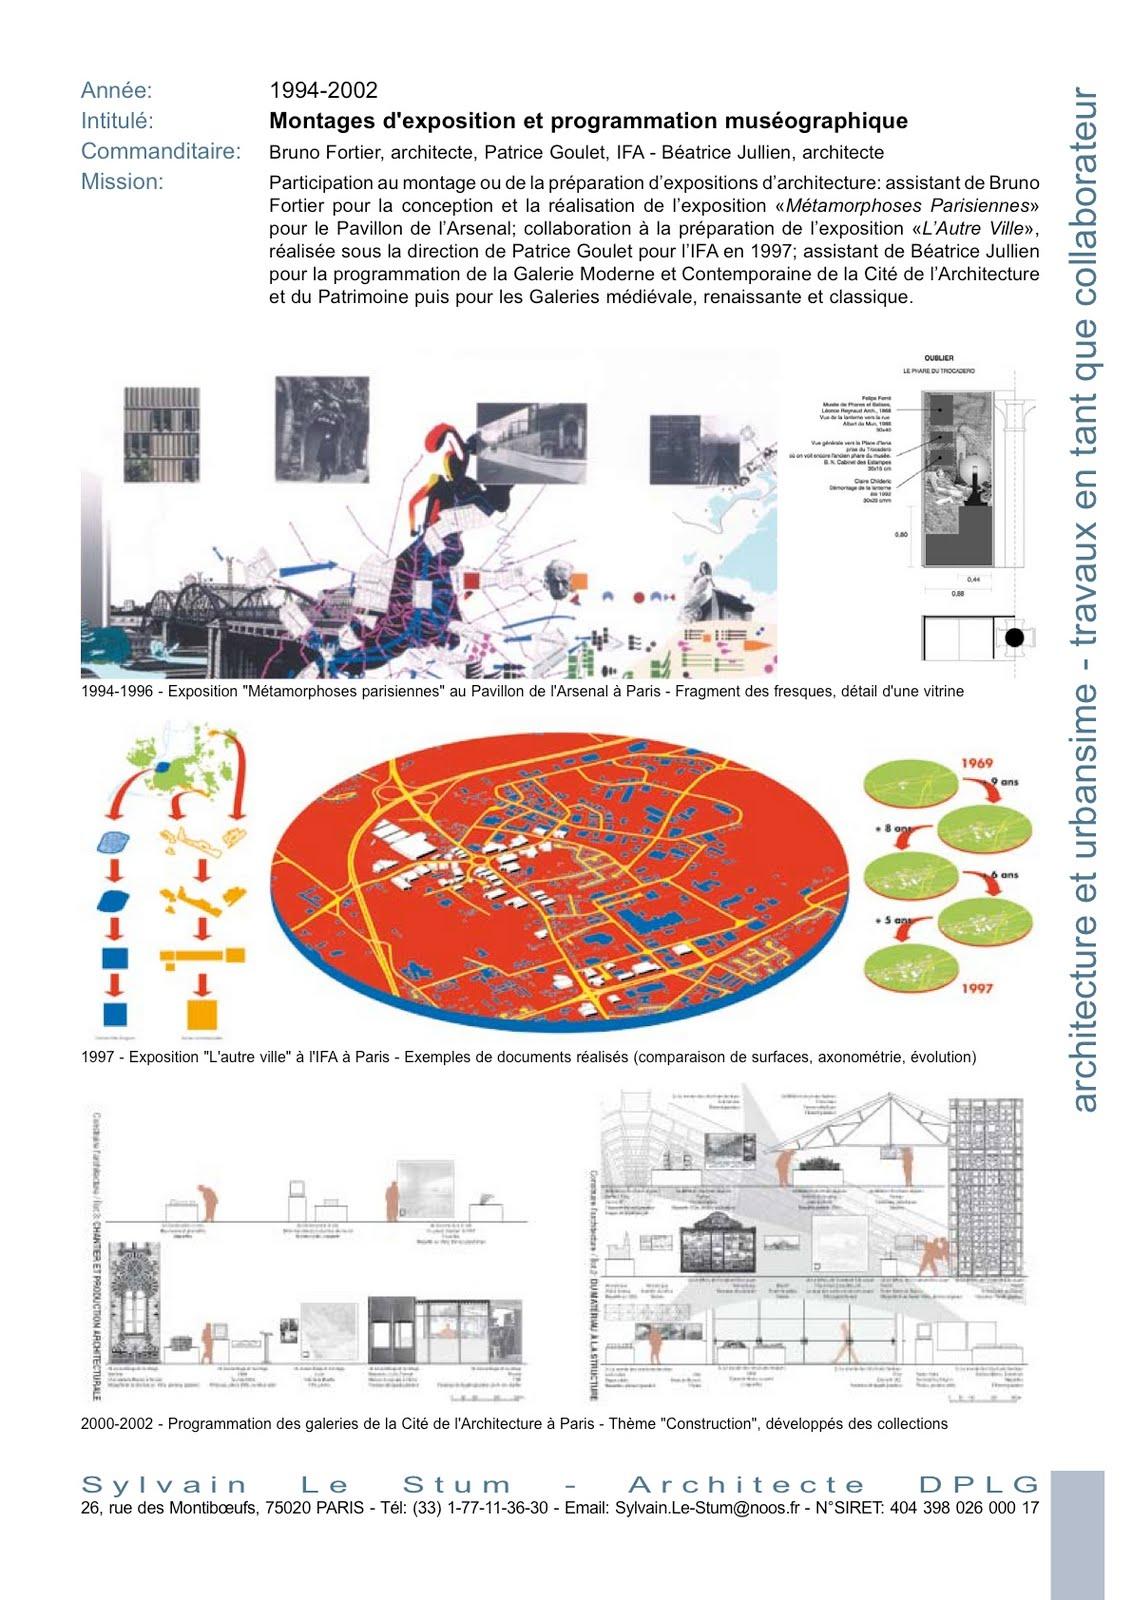 Sylvain le stum architecte 11 01 2009 12 01 2009 for Collaborateur d architecte onisep